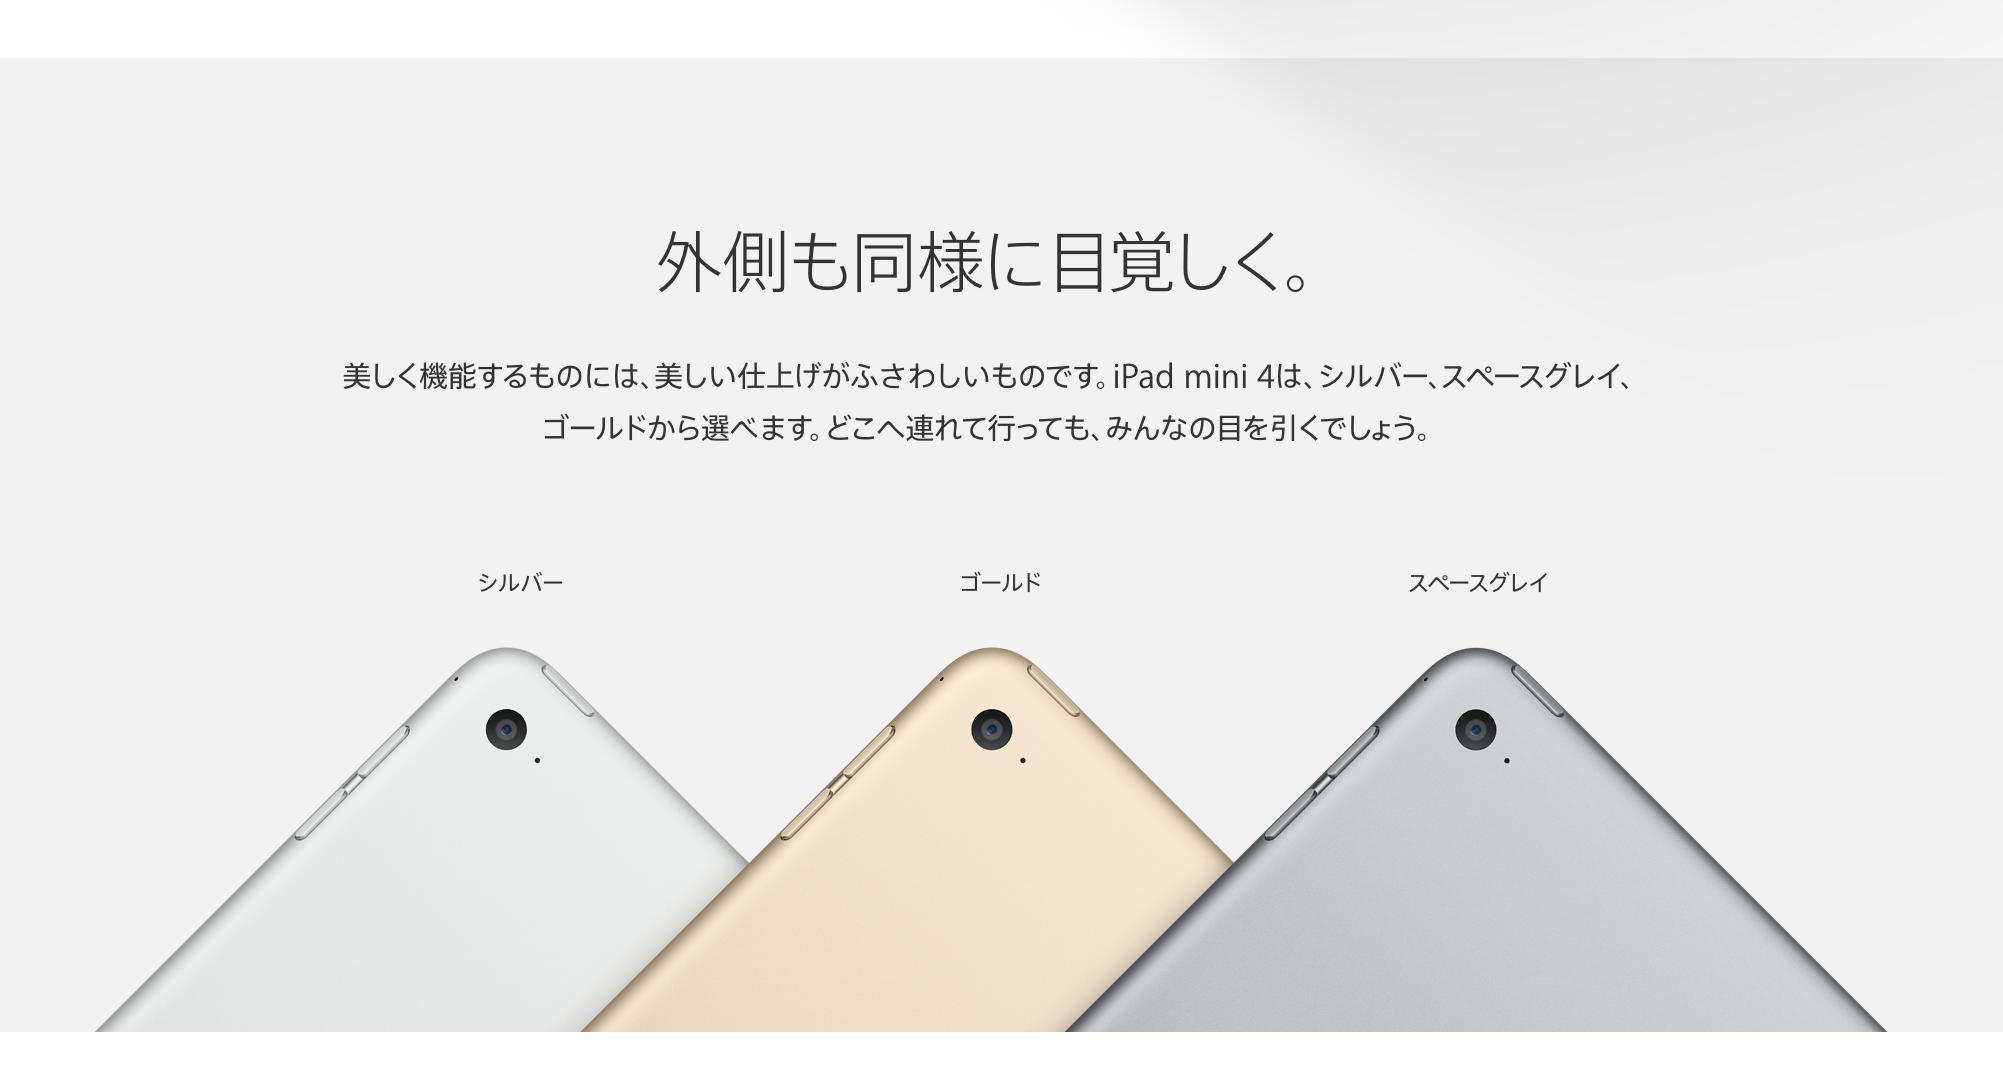 焼津市ふるさと納税返礼品 iPad mini4のカラー2